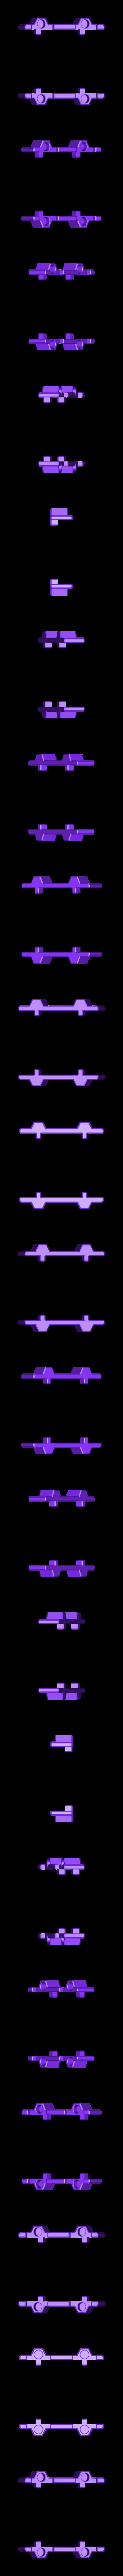 SmallToys-CarBaseType2.stl Download STL file SmallToys - Starter Pack • 3D printer model, Wabby